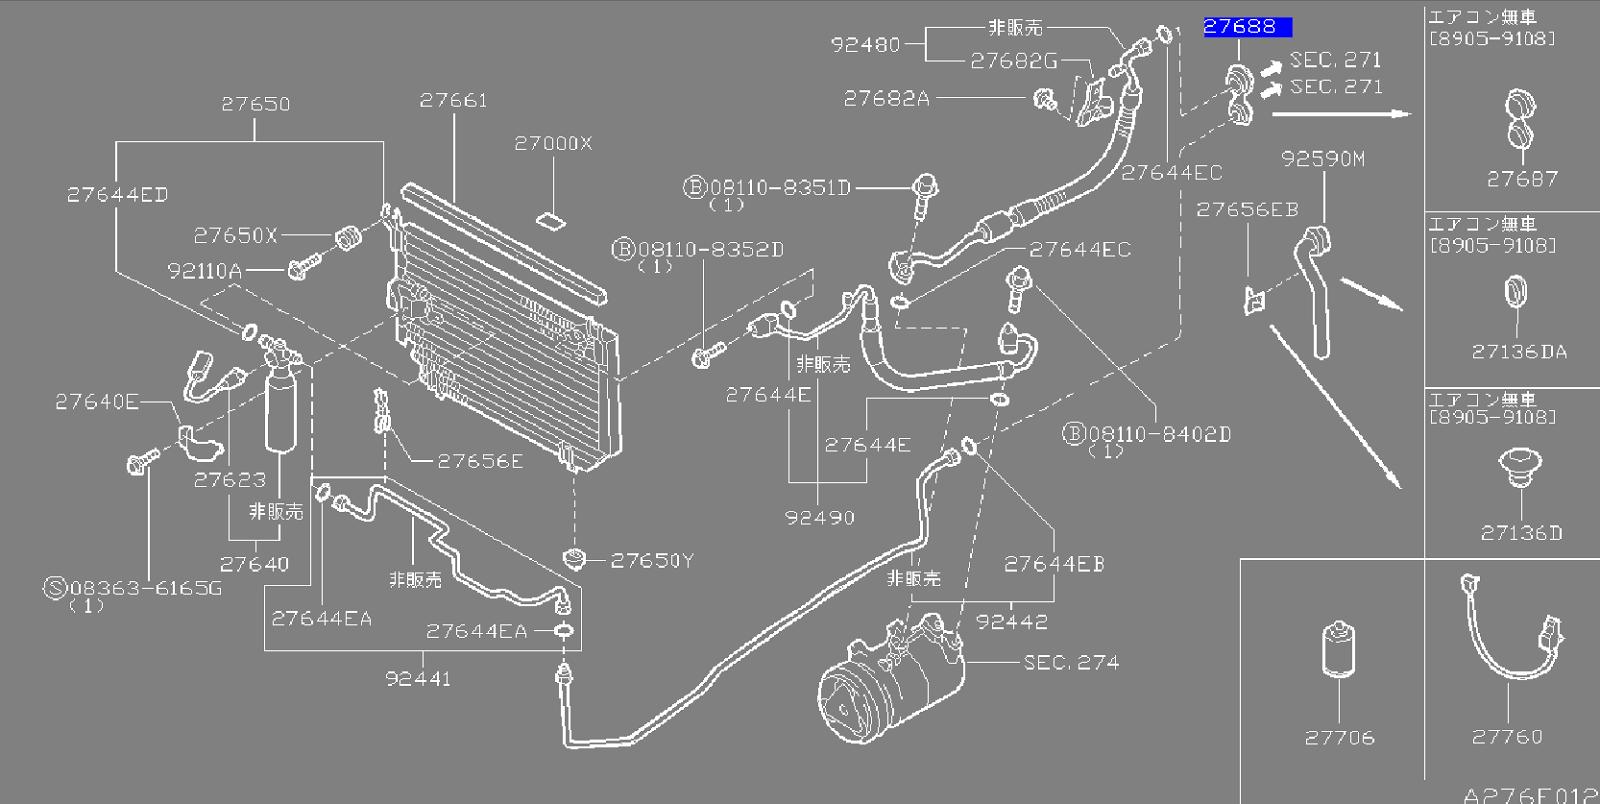 ac wiring diagram r32 gtr use wiring diagram ac wiring diagram r32 gtr [ 1600 x 804 Pixel ]